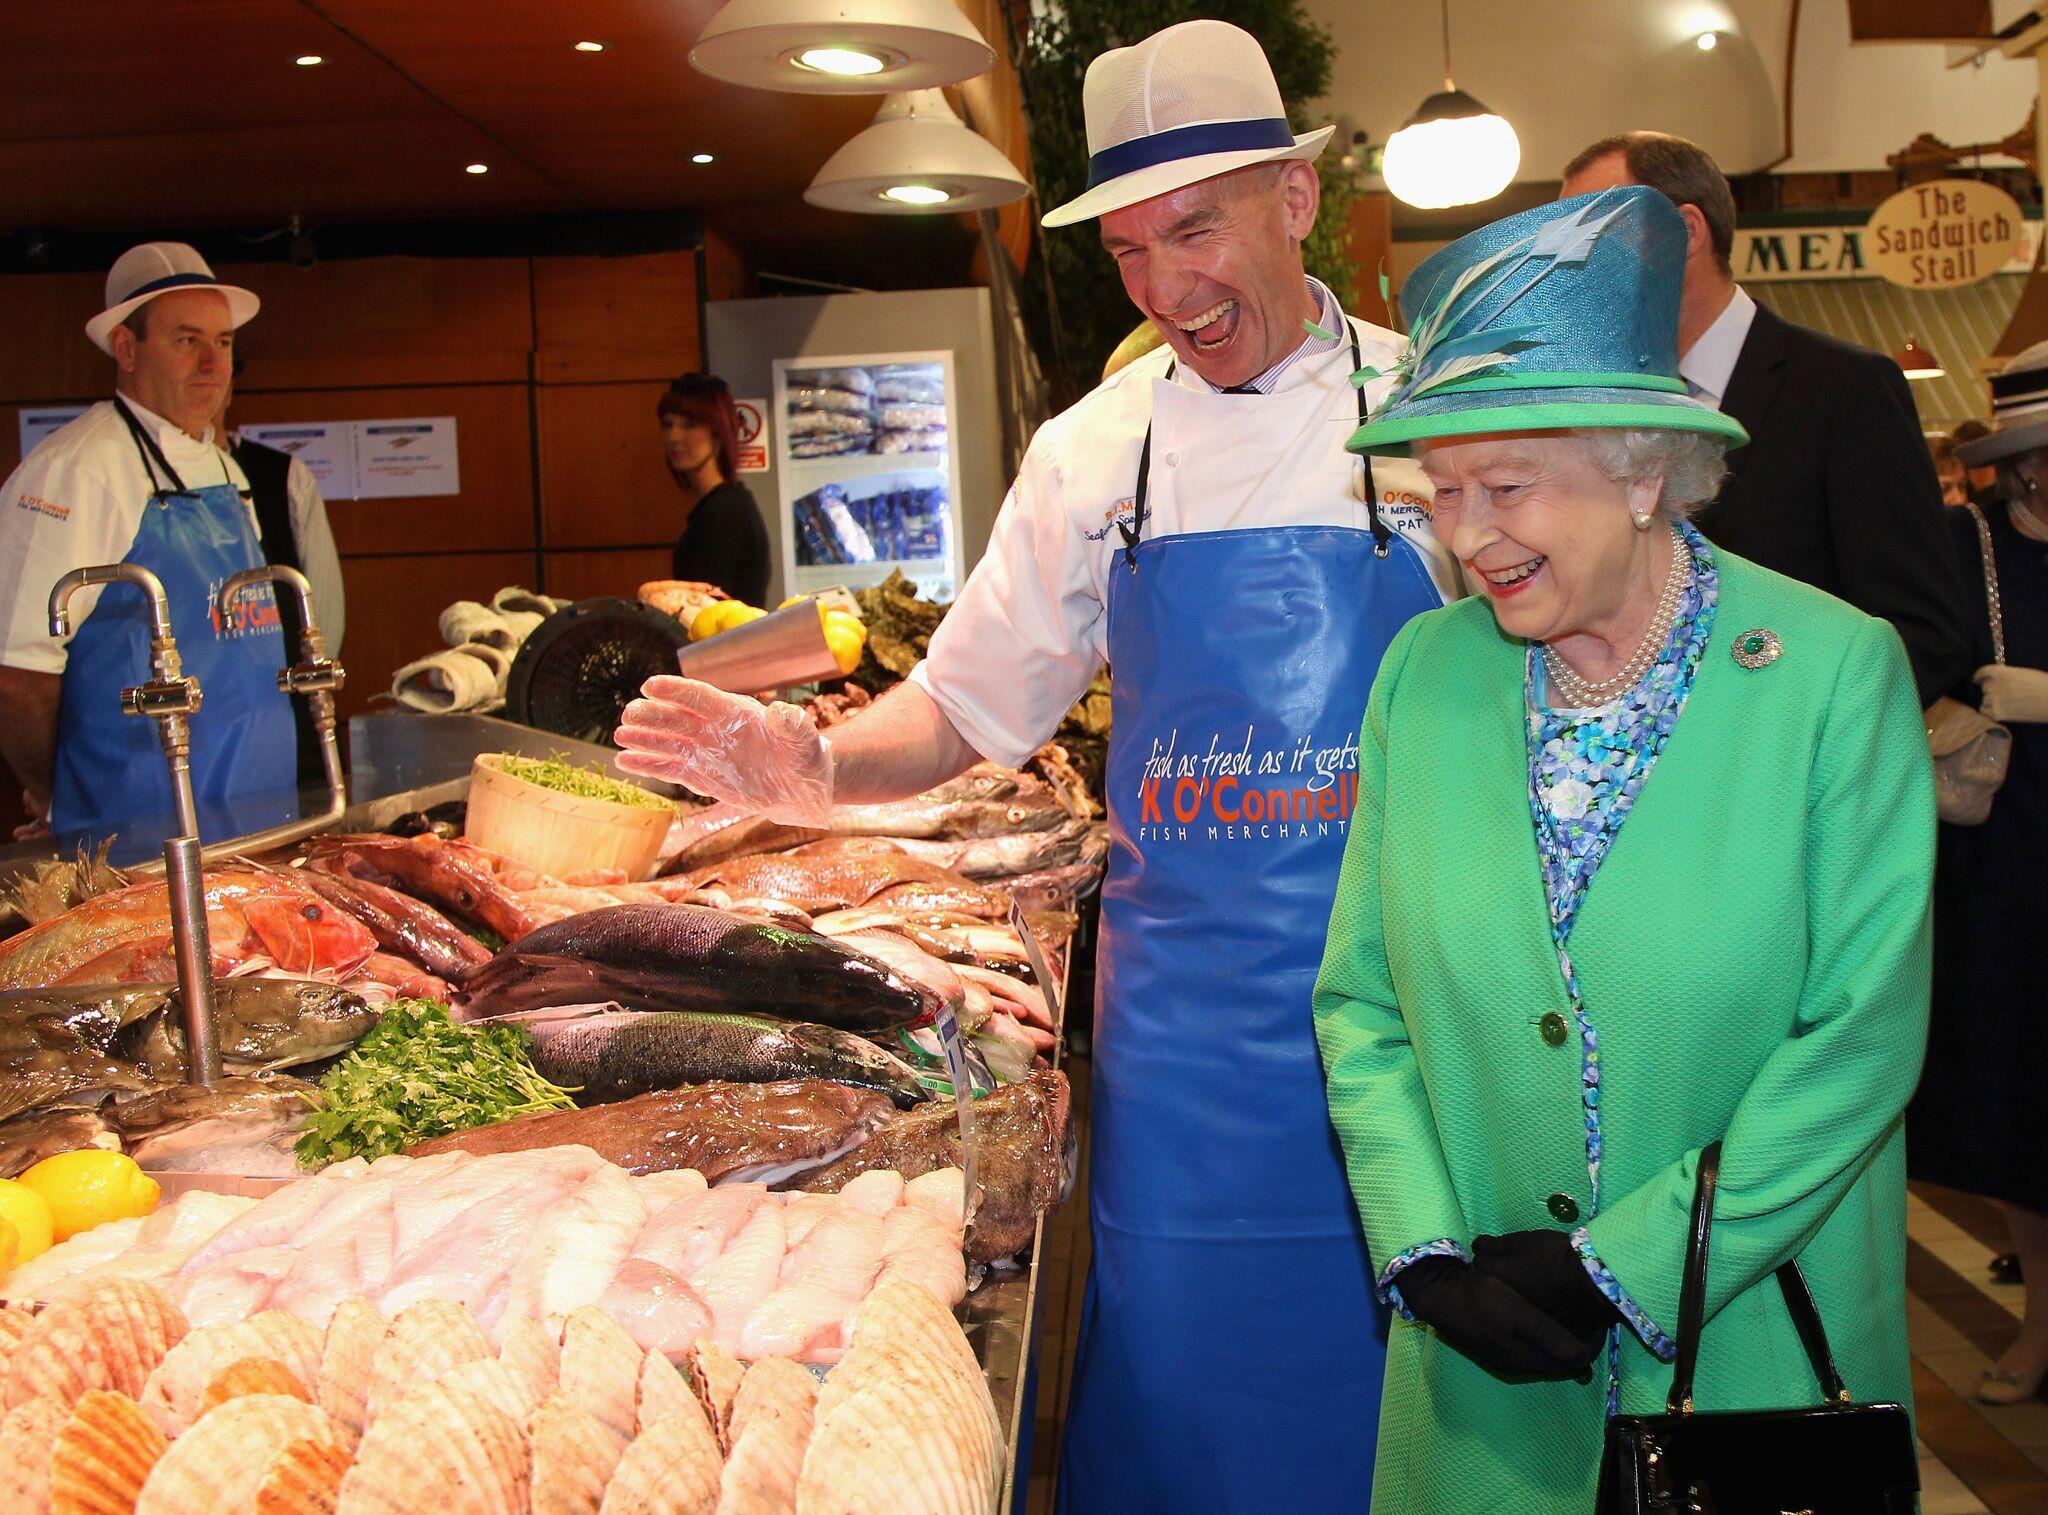 beaucoup de sites de rencontre de poissons en Irlande